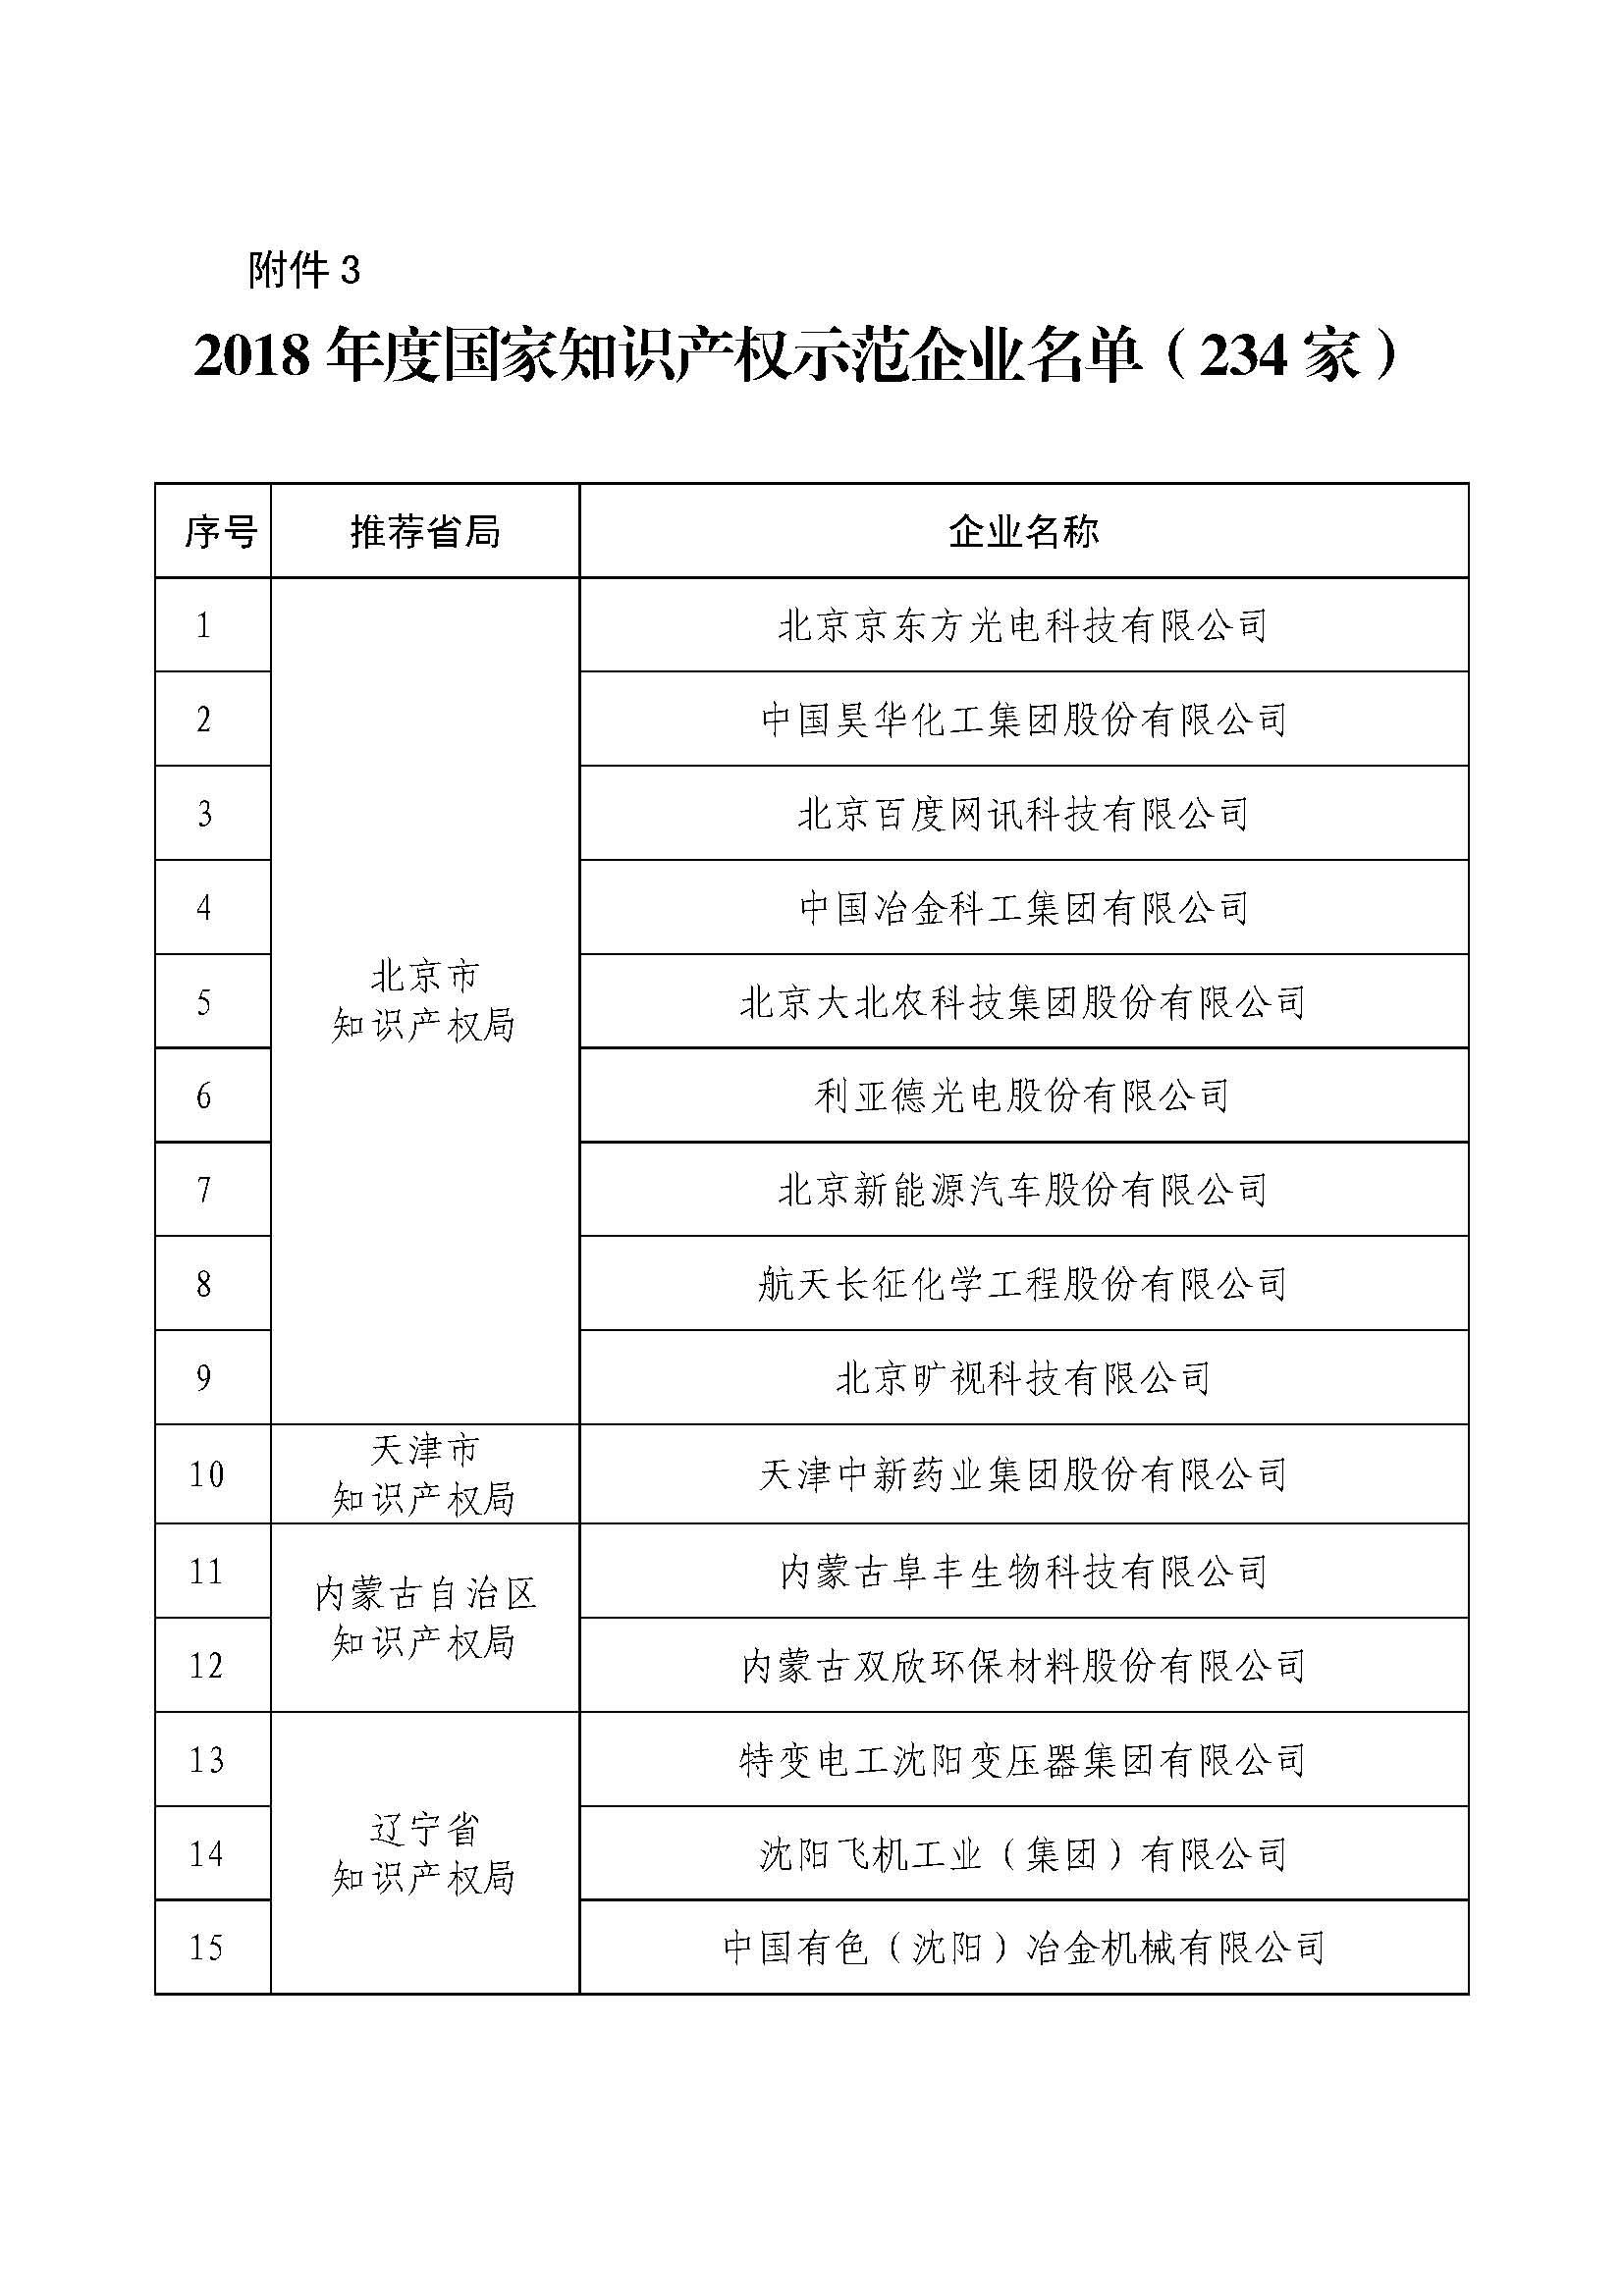 2018年度国家知识产权示范企业名单_页面_01.jpg